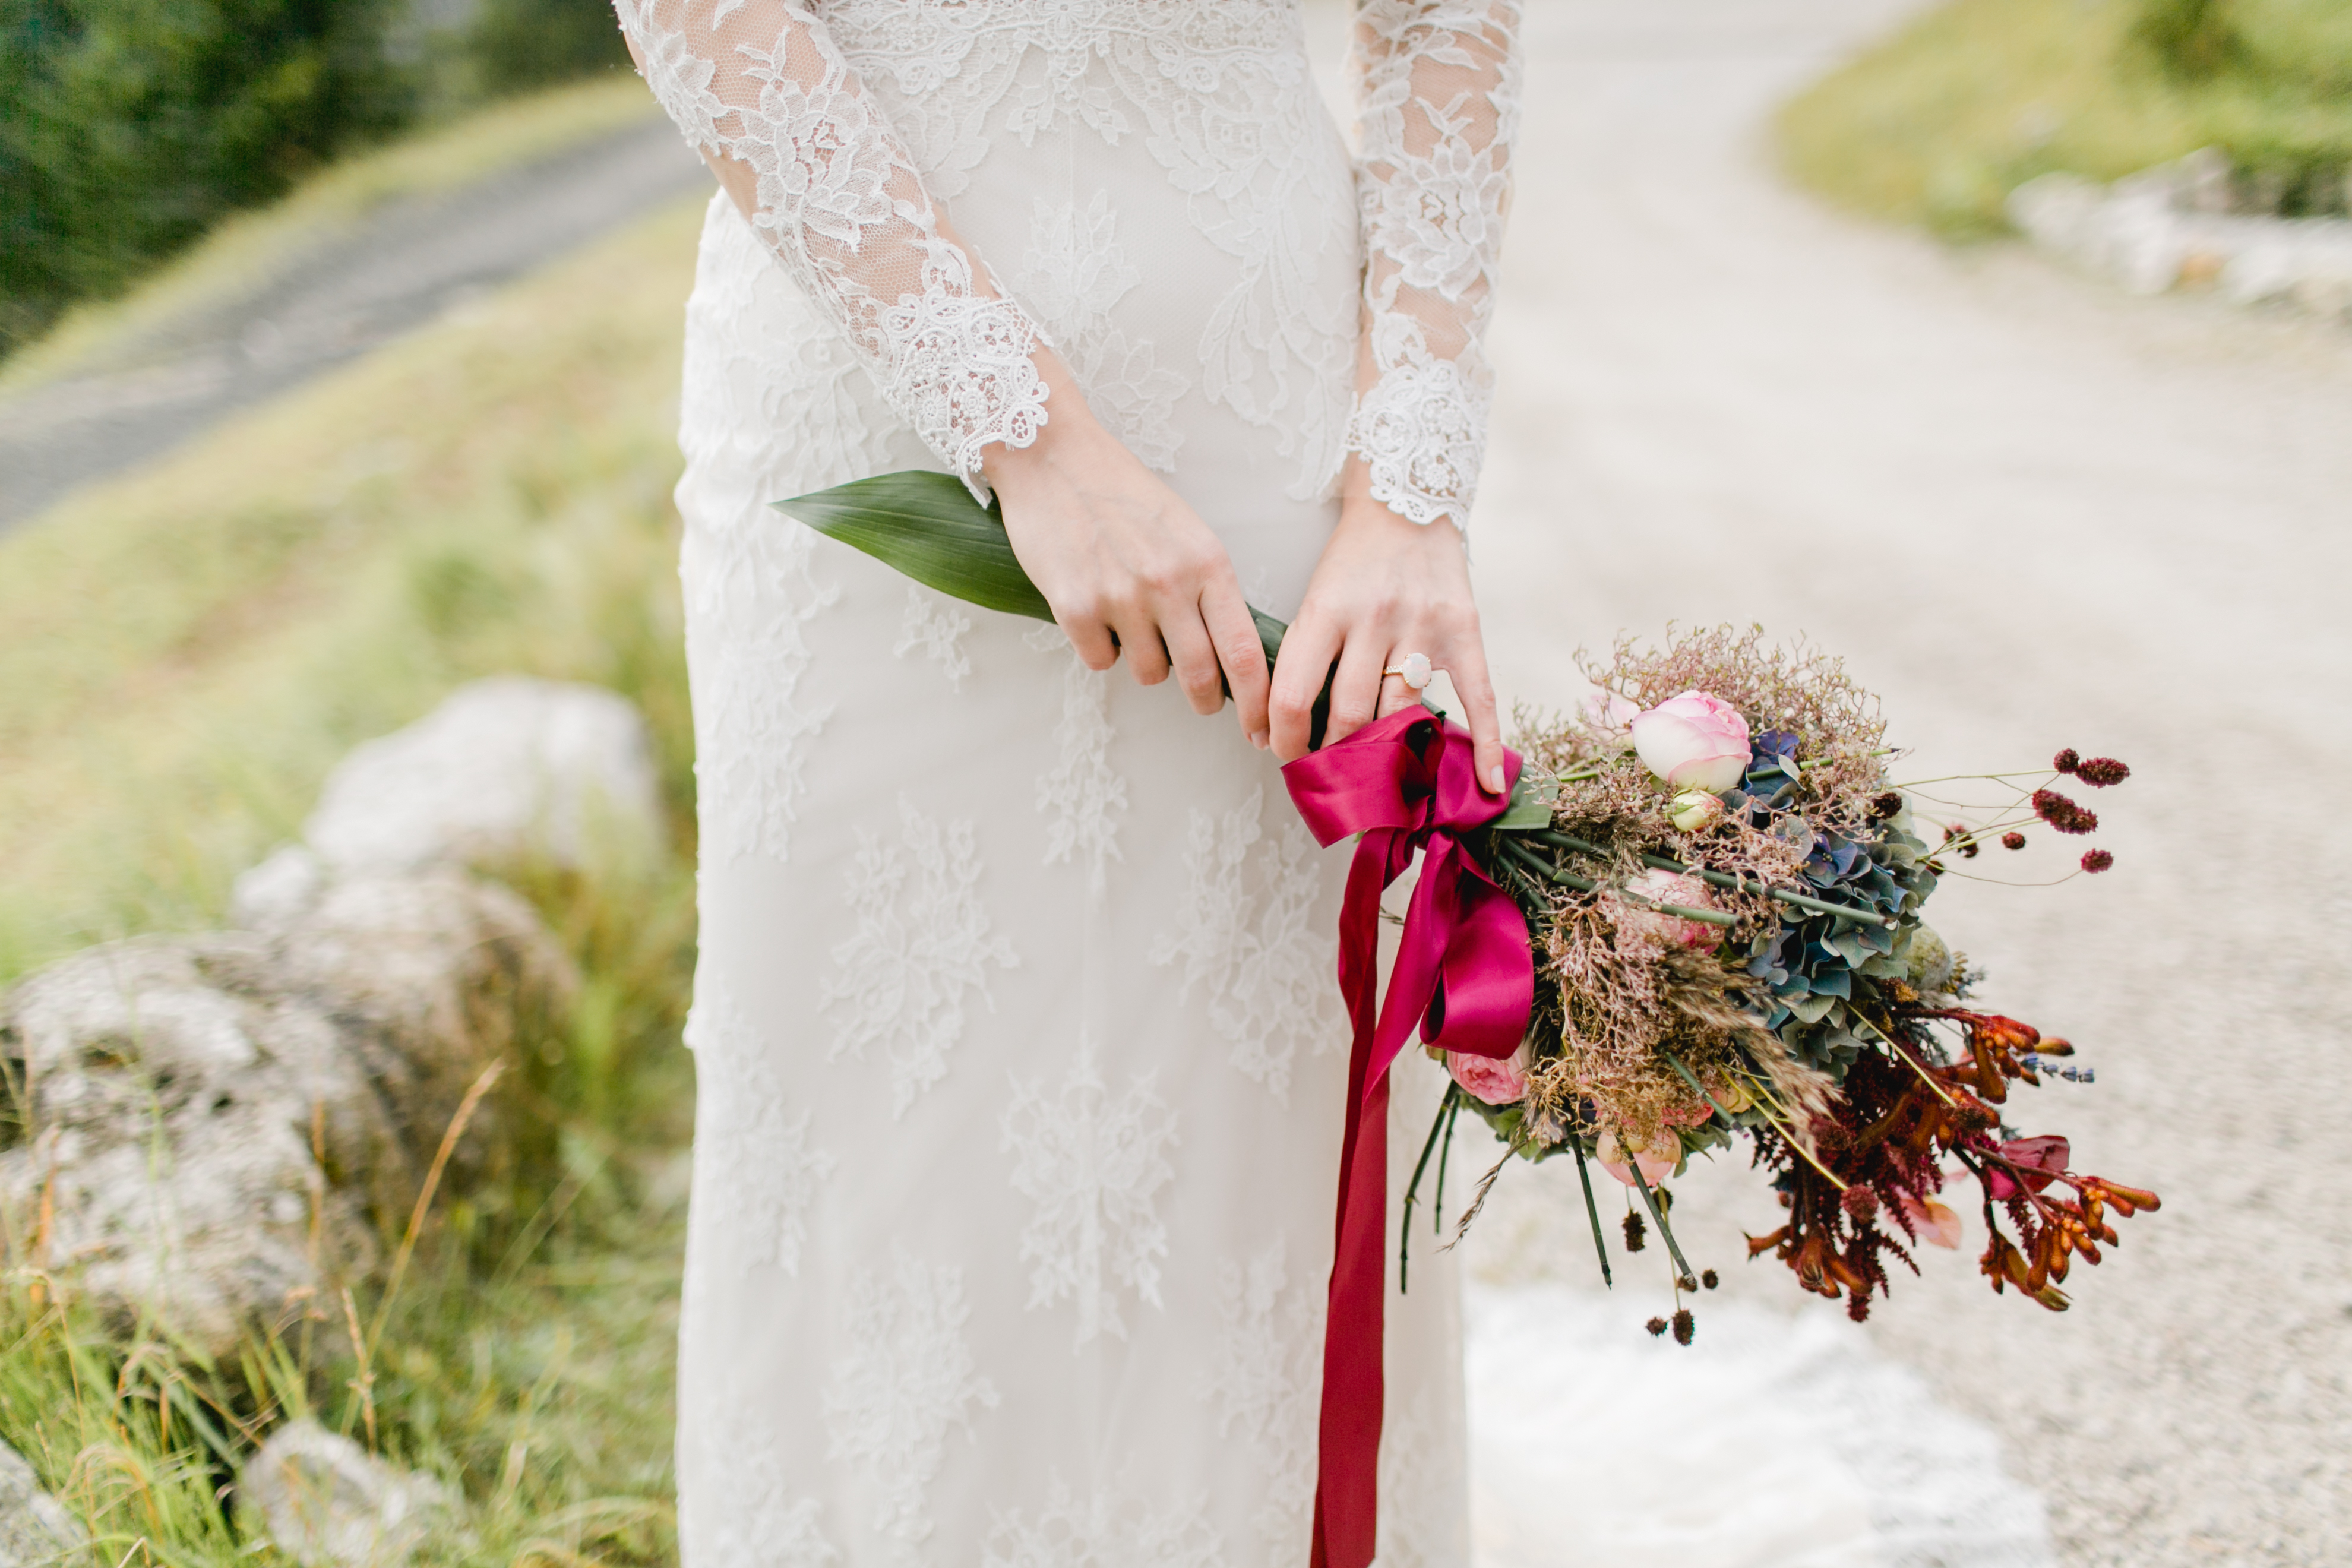 Sara_Engis_Photography_Hochzeit Künkele